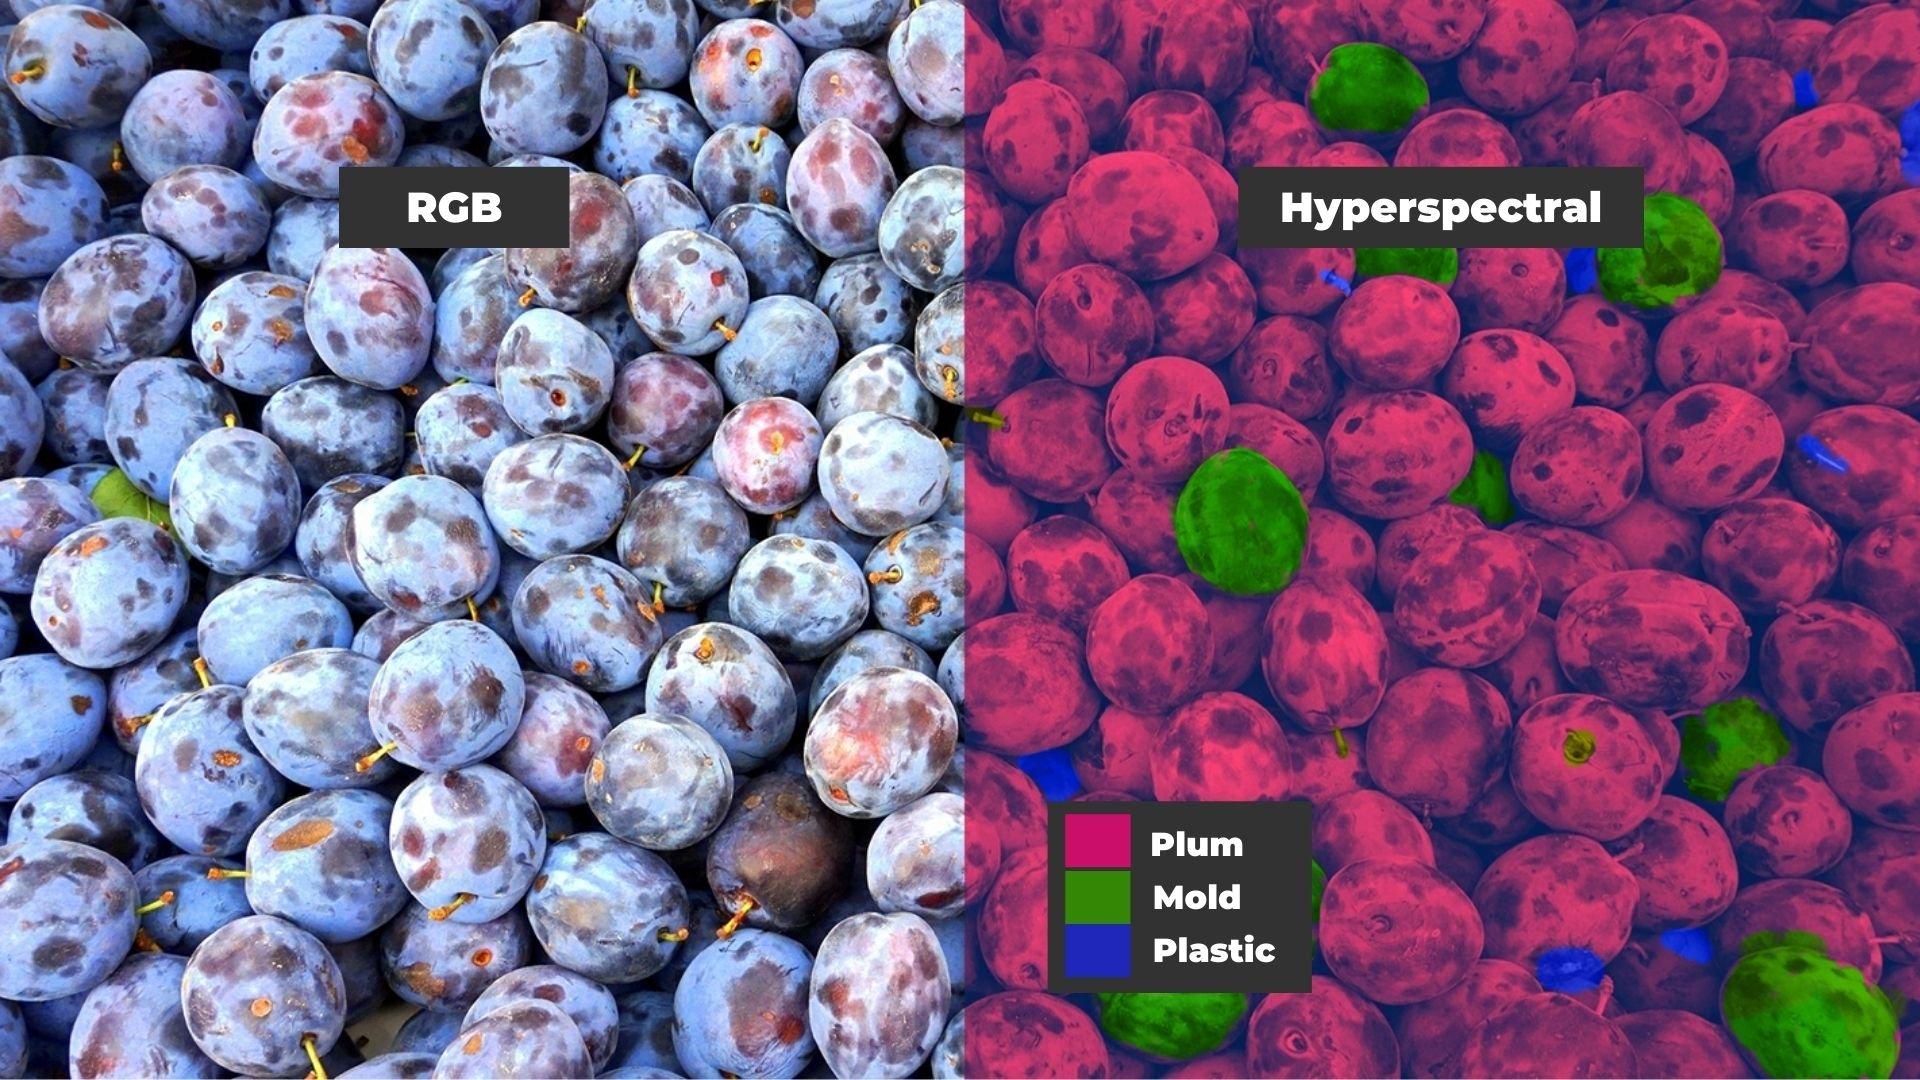 fruit-hyperspectral imaging vs normal camera